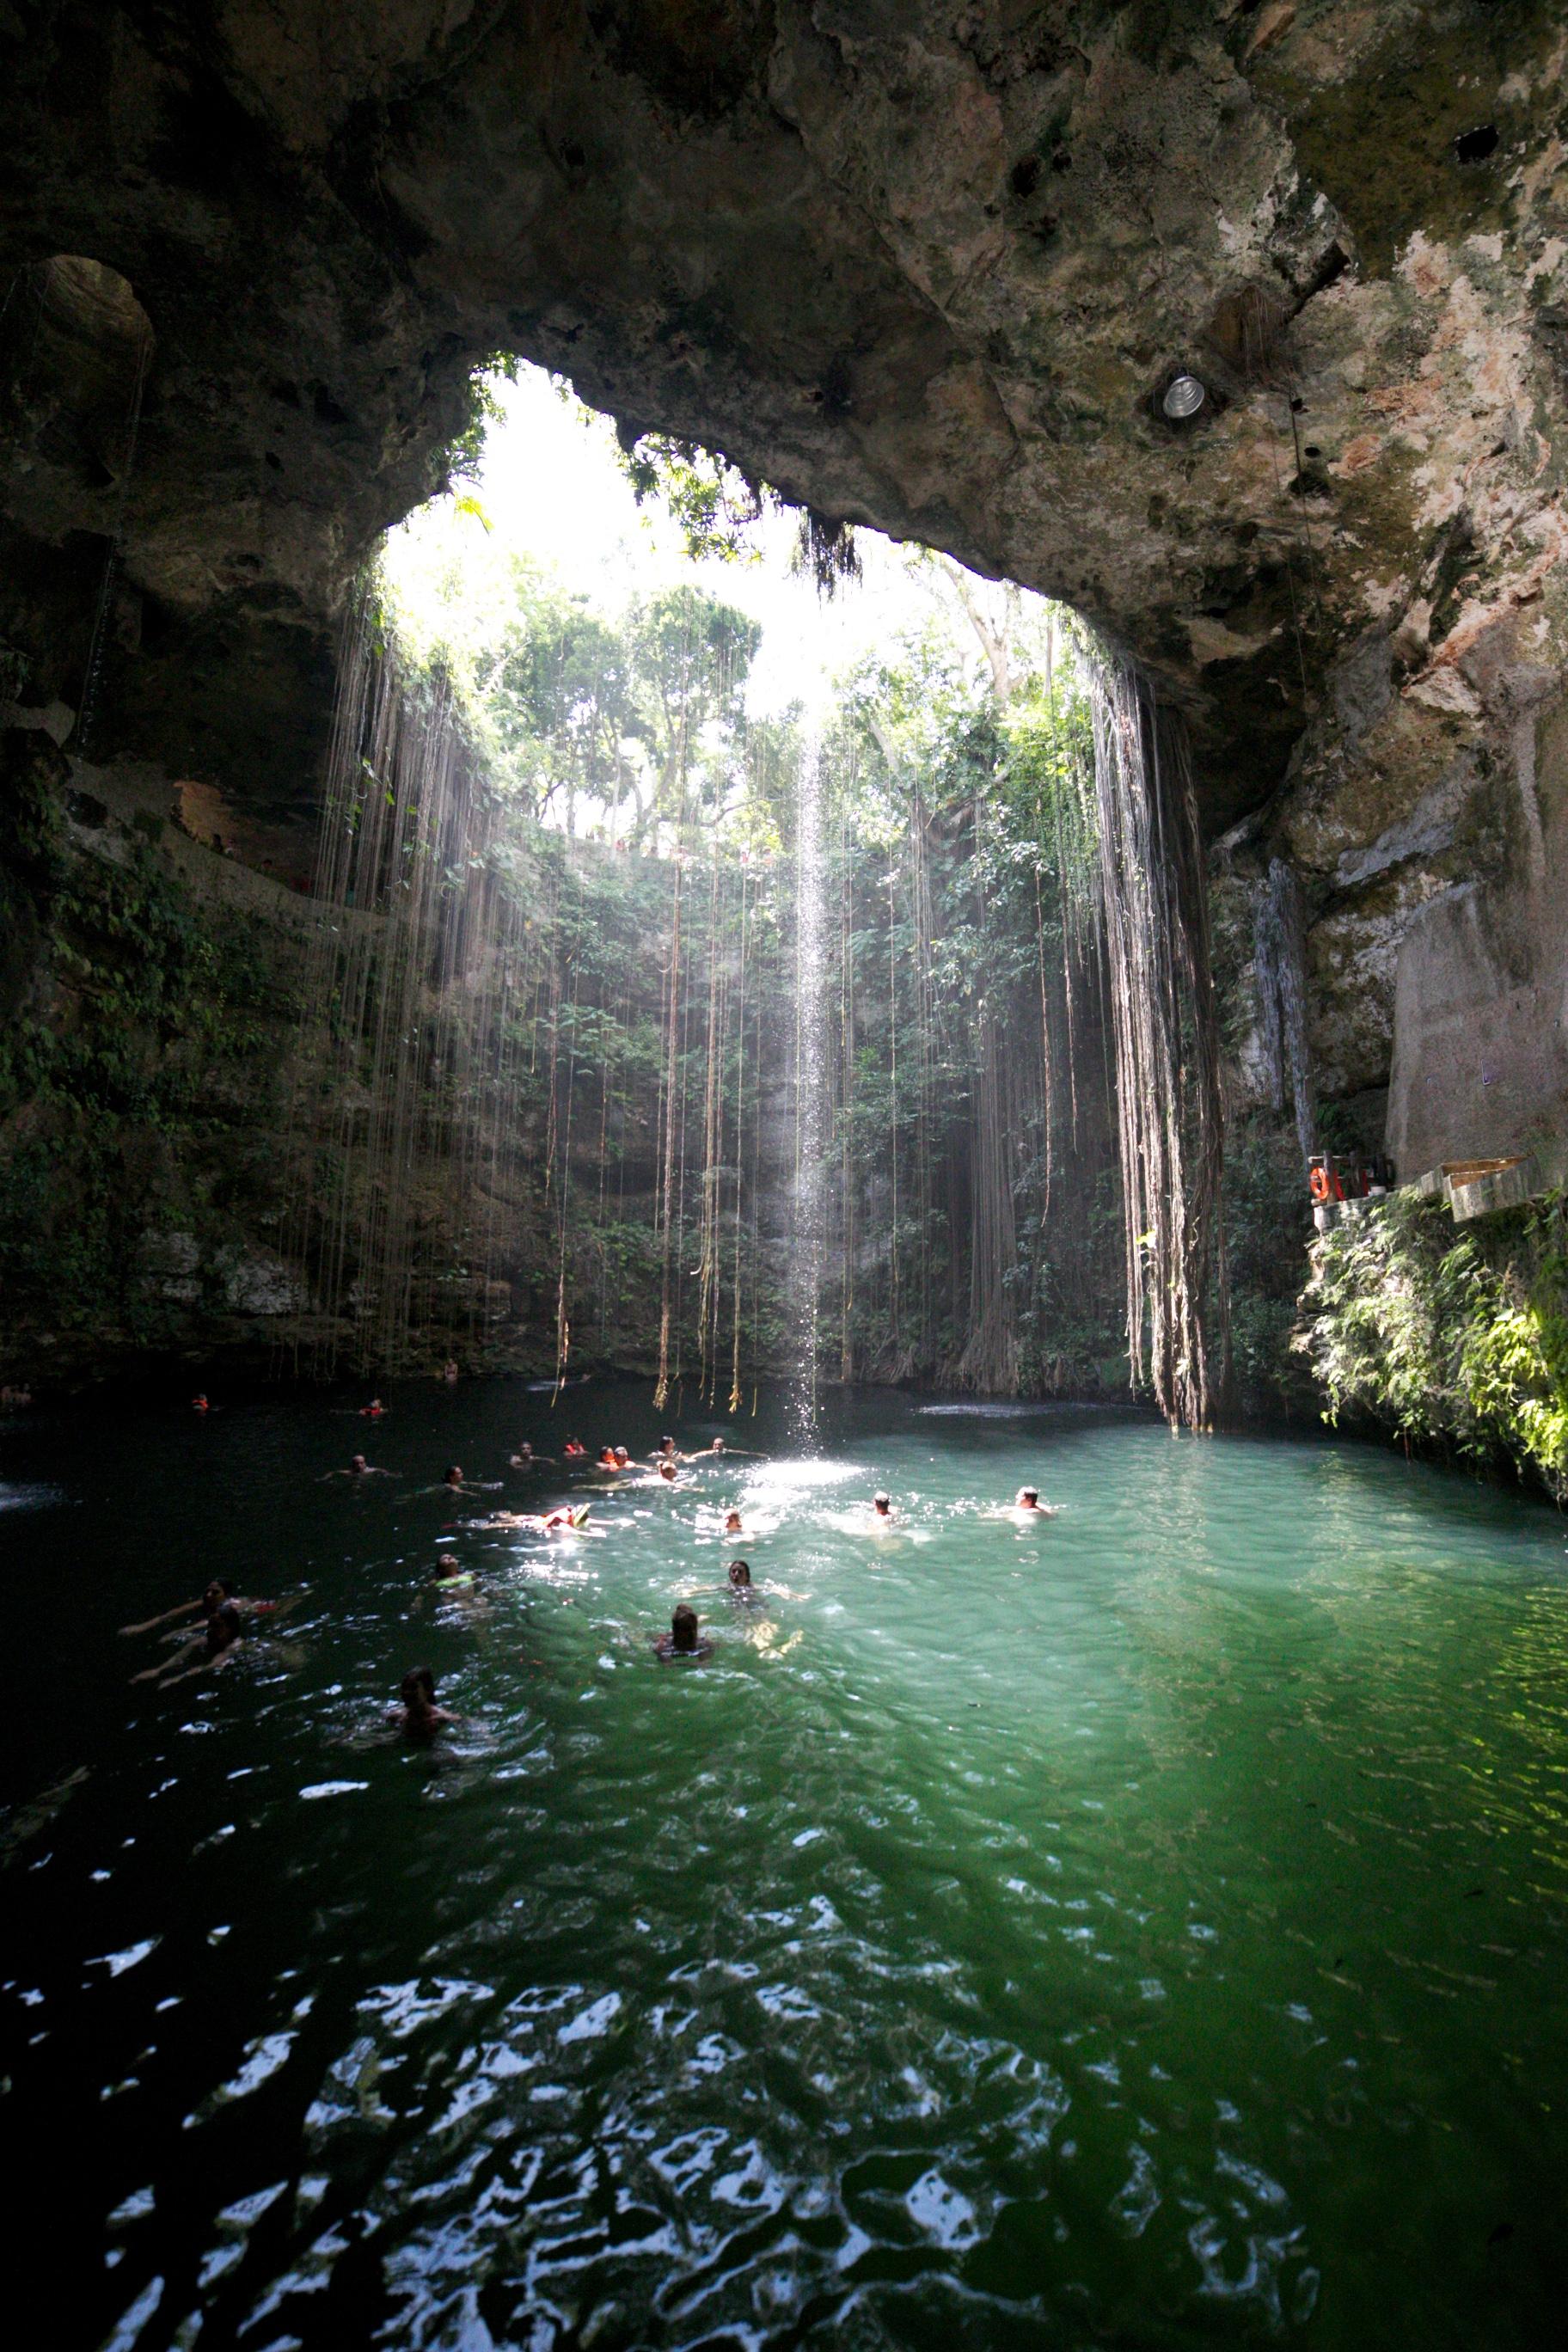 Ik Kil Cenote swimming in Cancun, Mexico.